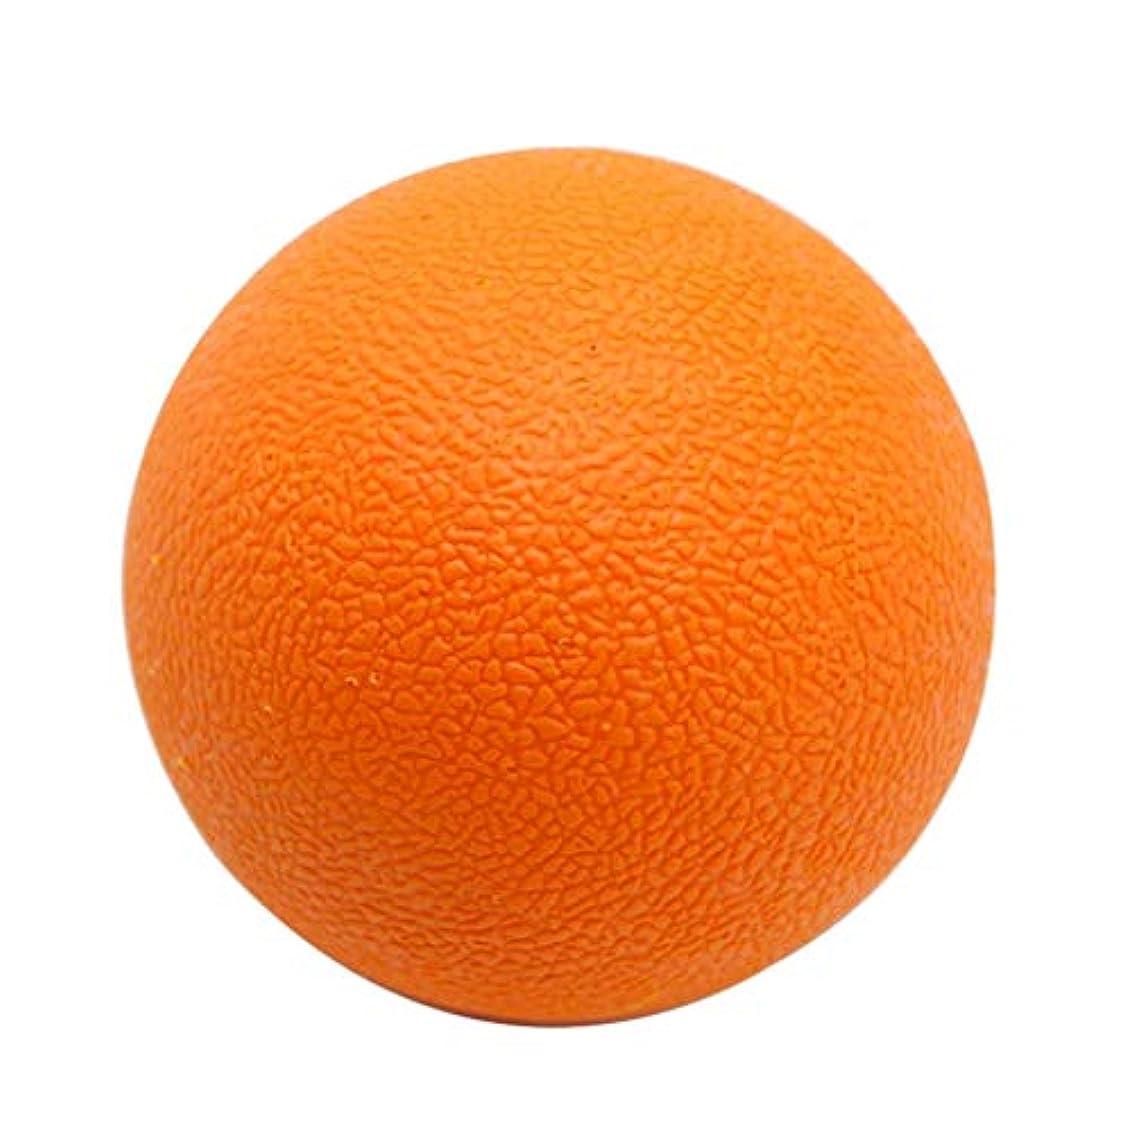 話す人気反応するマッサージボール TPE トリガーポイント 筋膜リリース ツボ押しグッズ 足、腕、首、背中 オレンジ